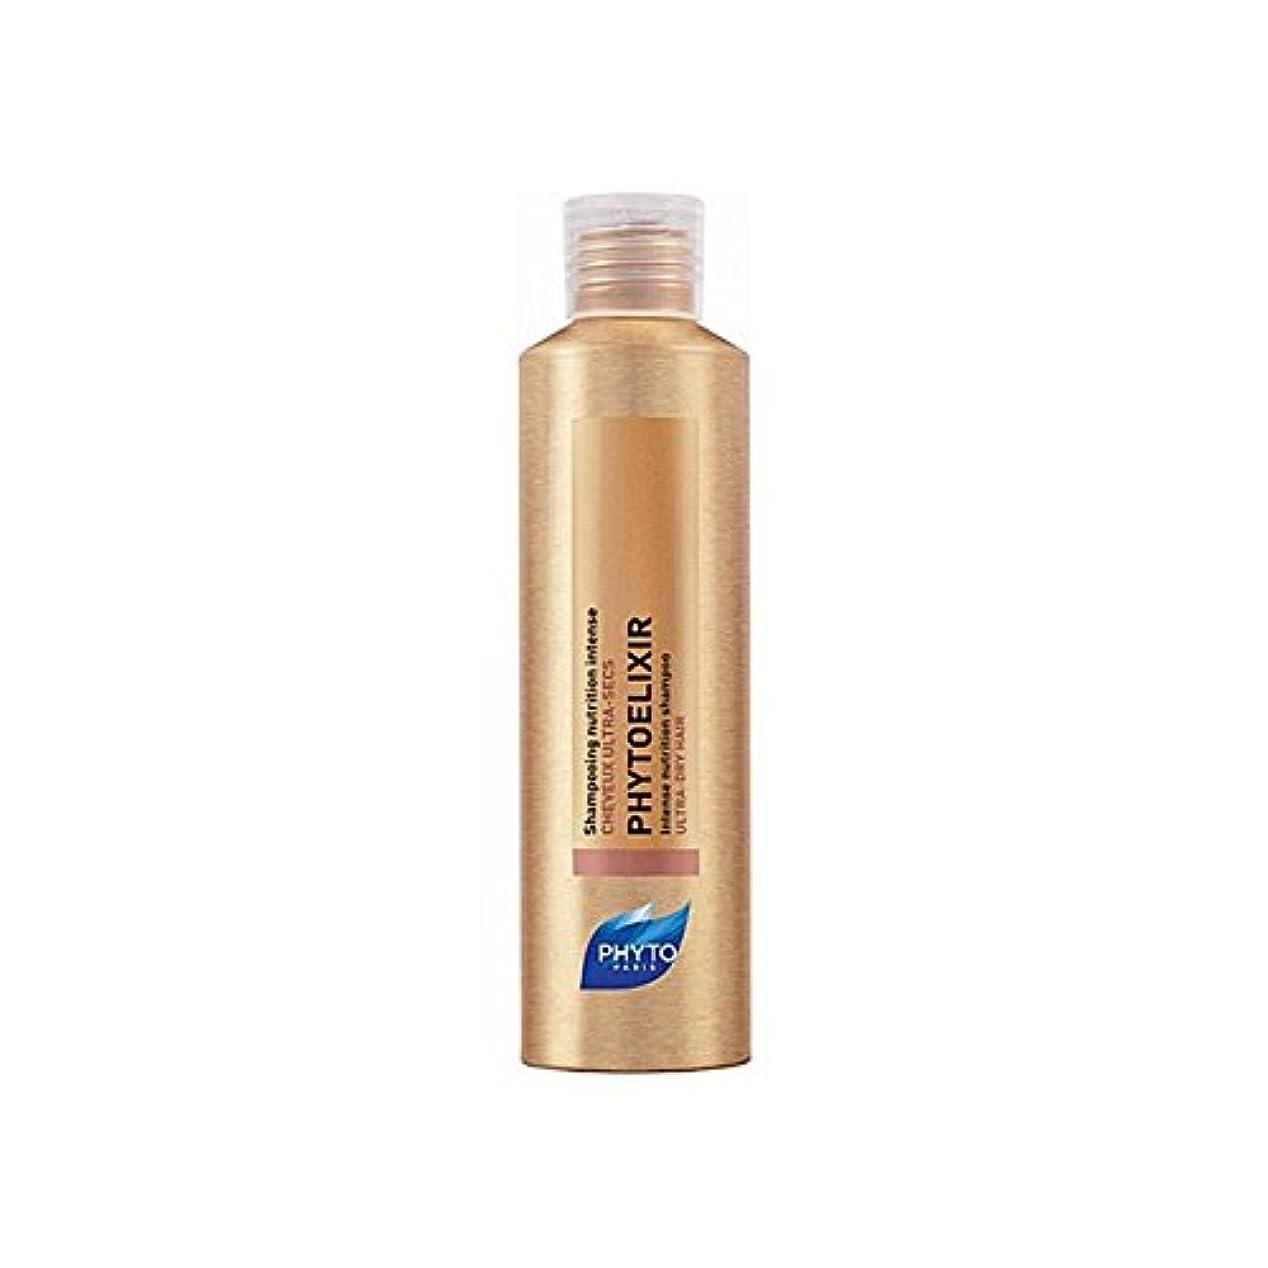 腹痛アトラスイチゴフィトの強烈な栄養シャンプー x4 - Phyto Phytoelixir Intense Nutrition Shampoo (Pack of 4) [並行輸入品]